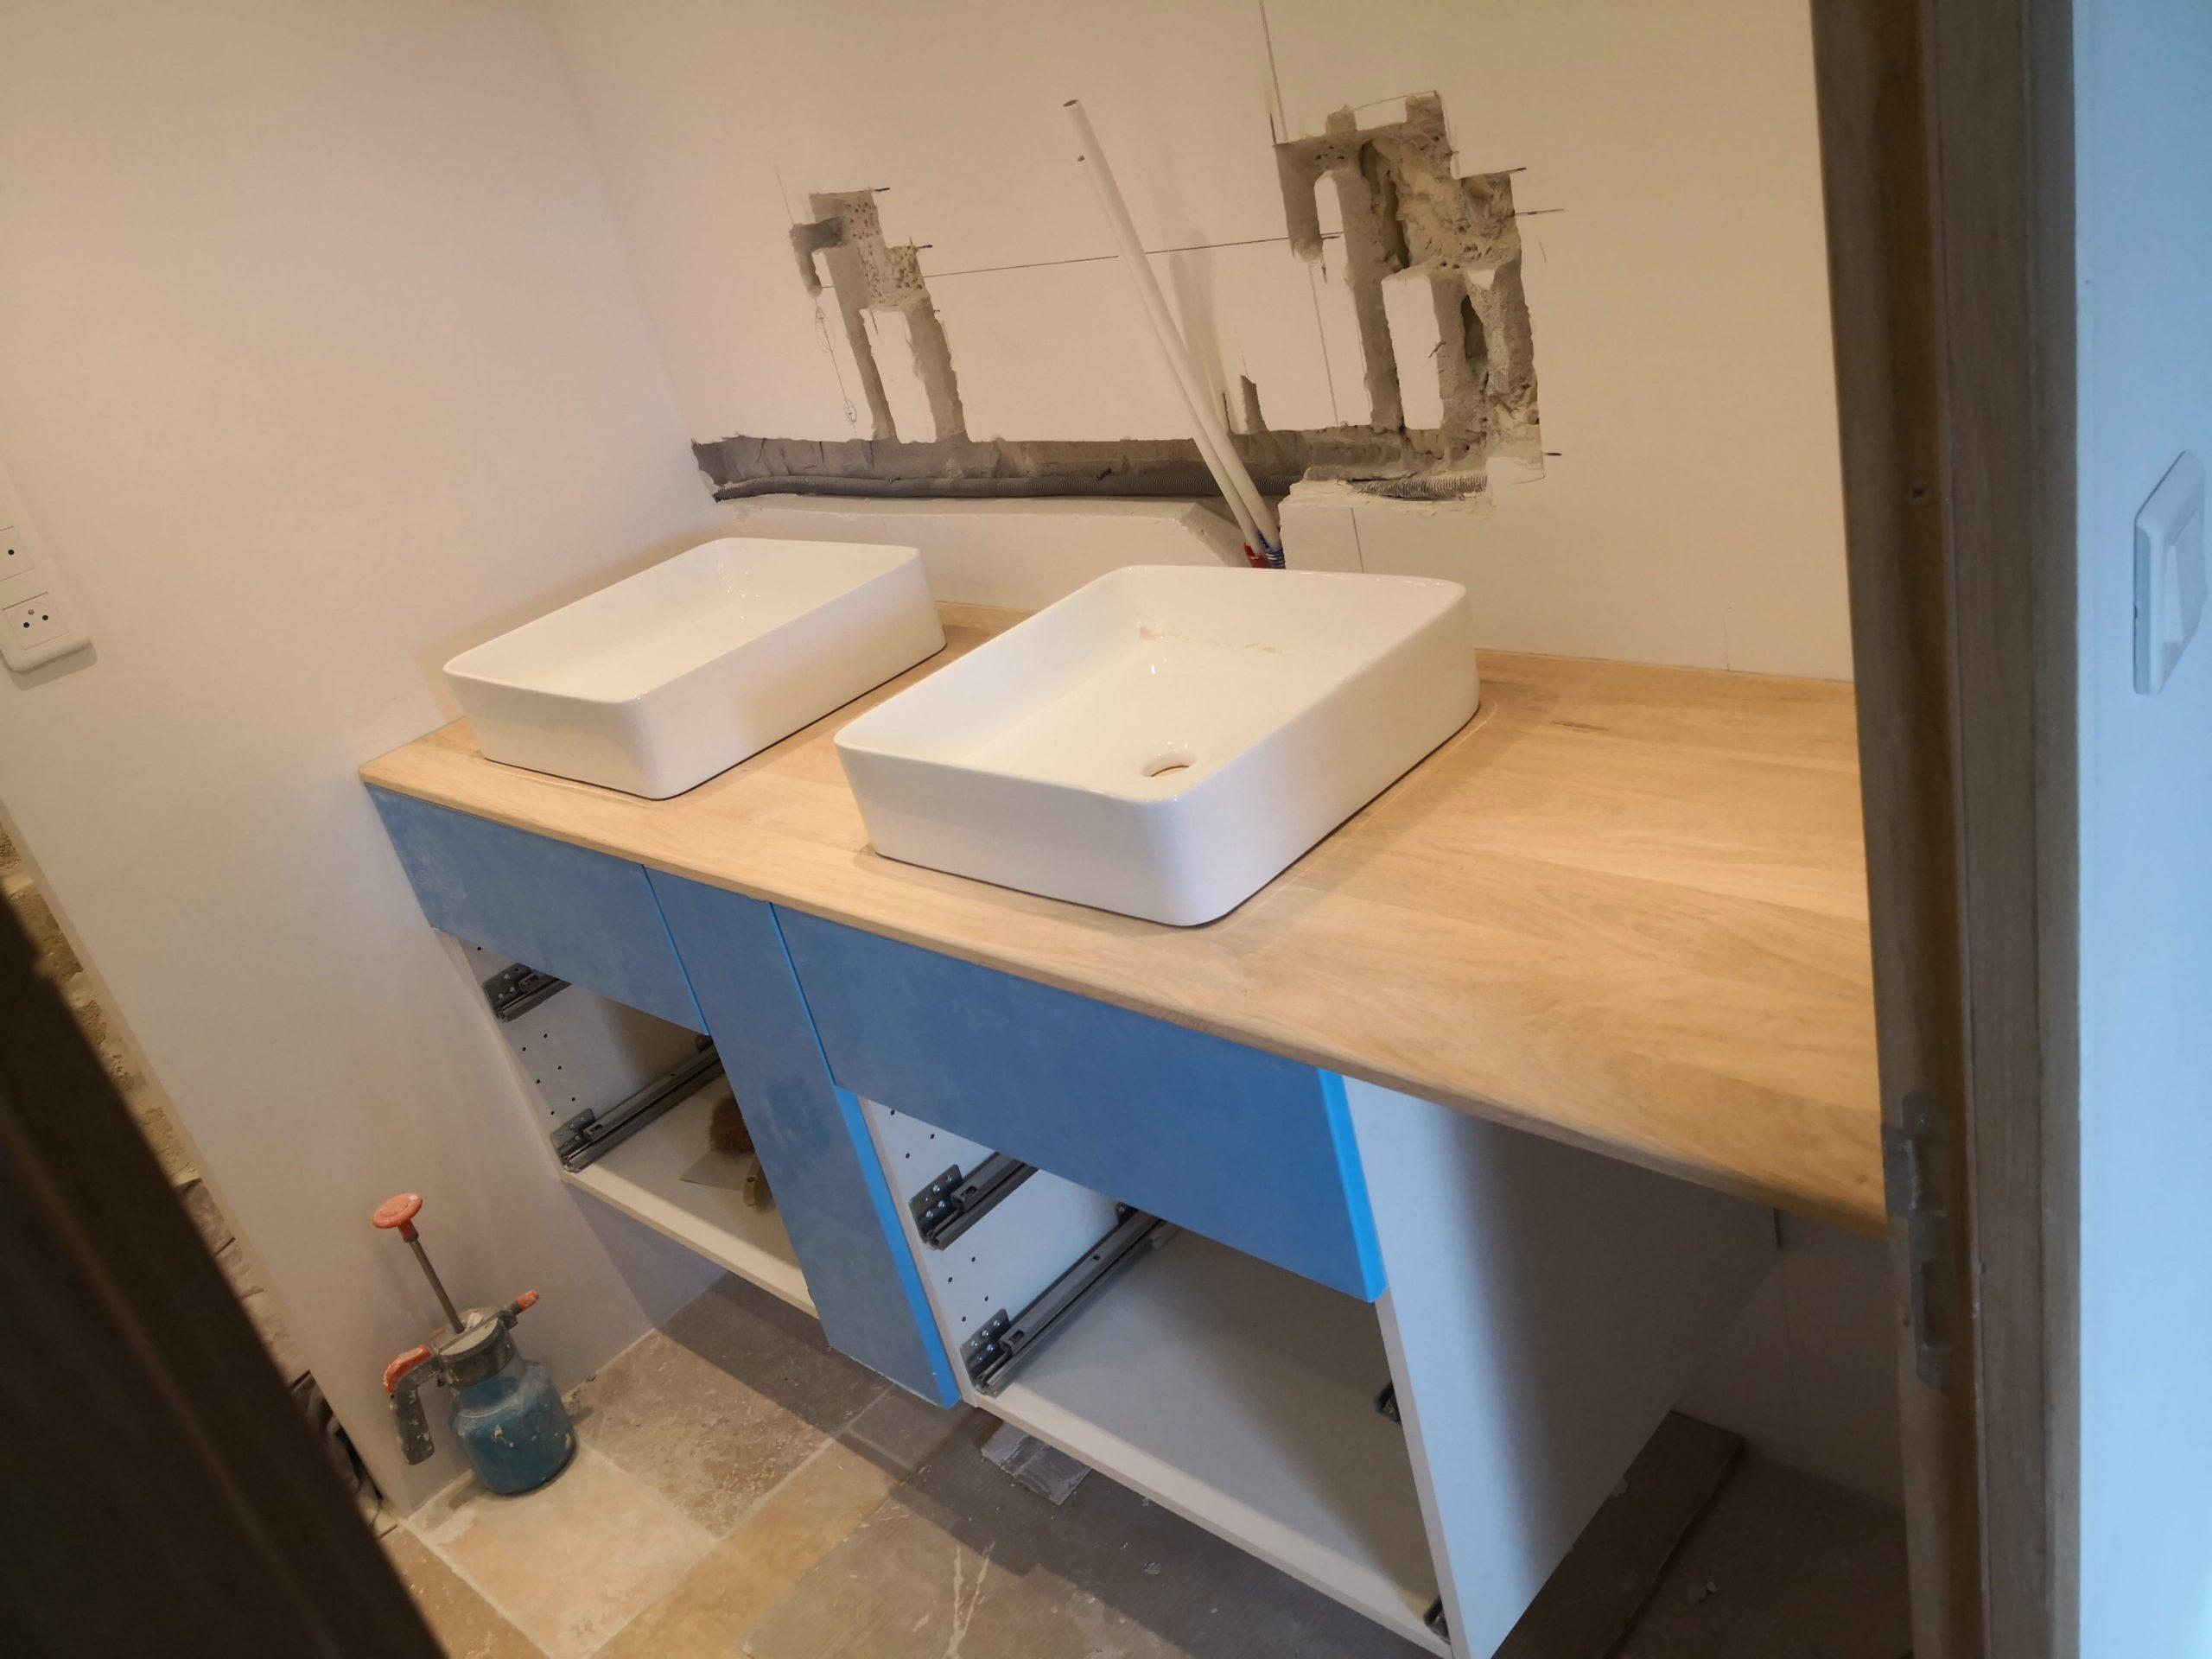 Salle de bain en Ikea Hack – Entreprise N.A.C.R.E Rénovation